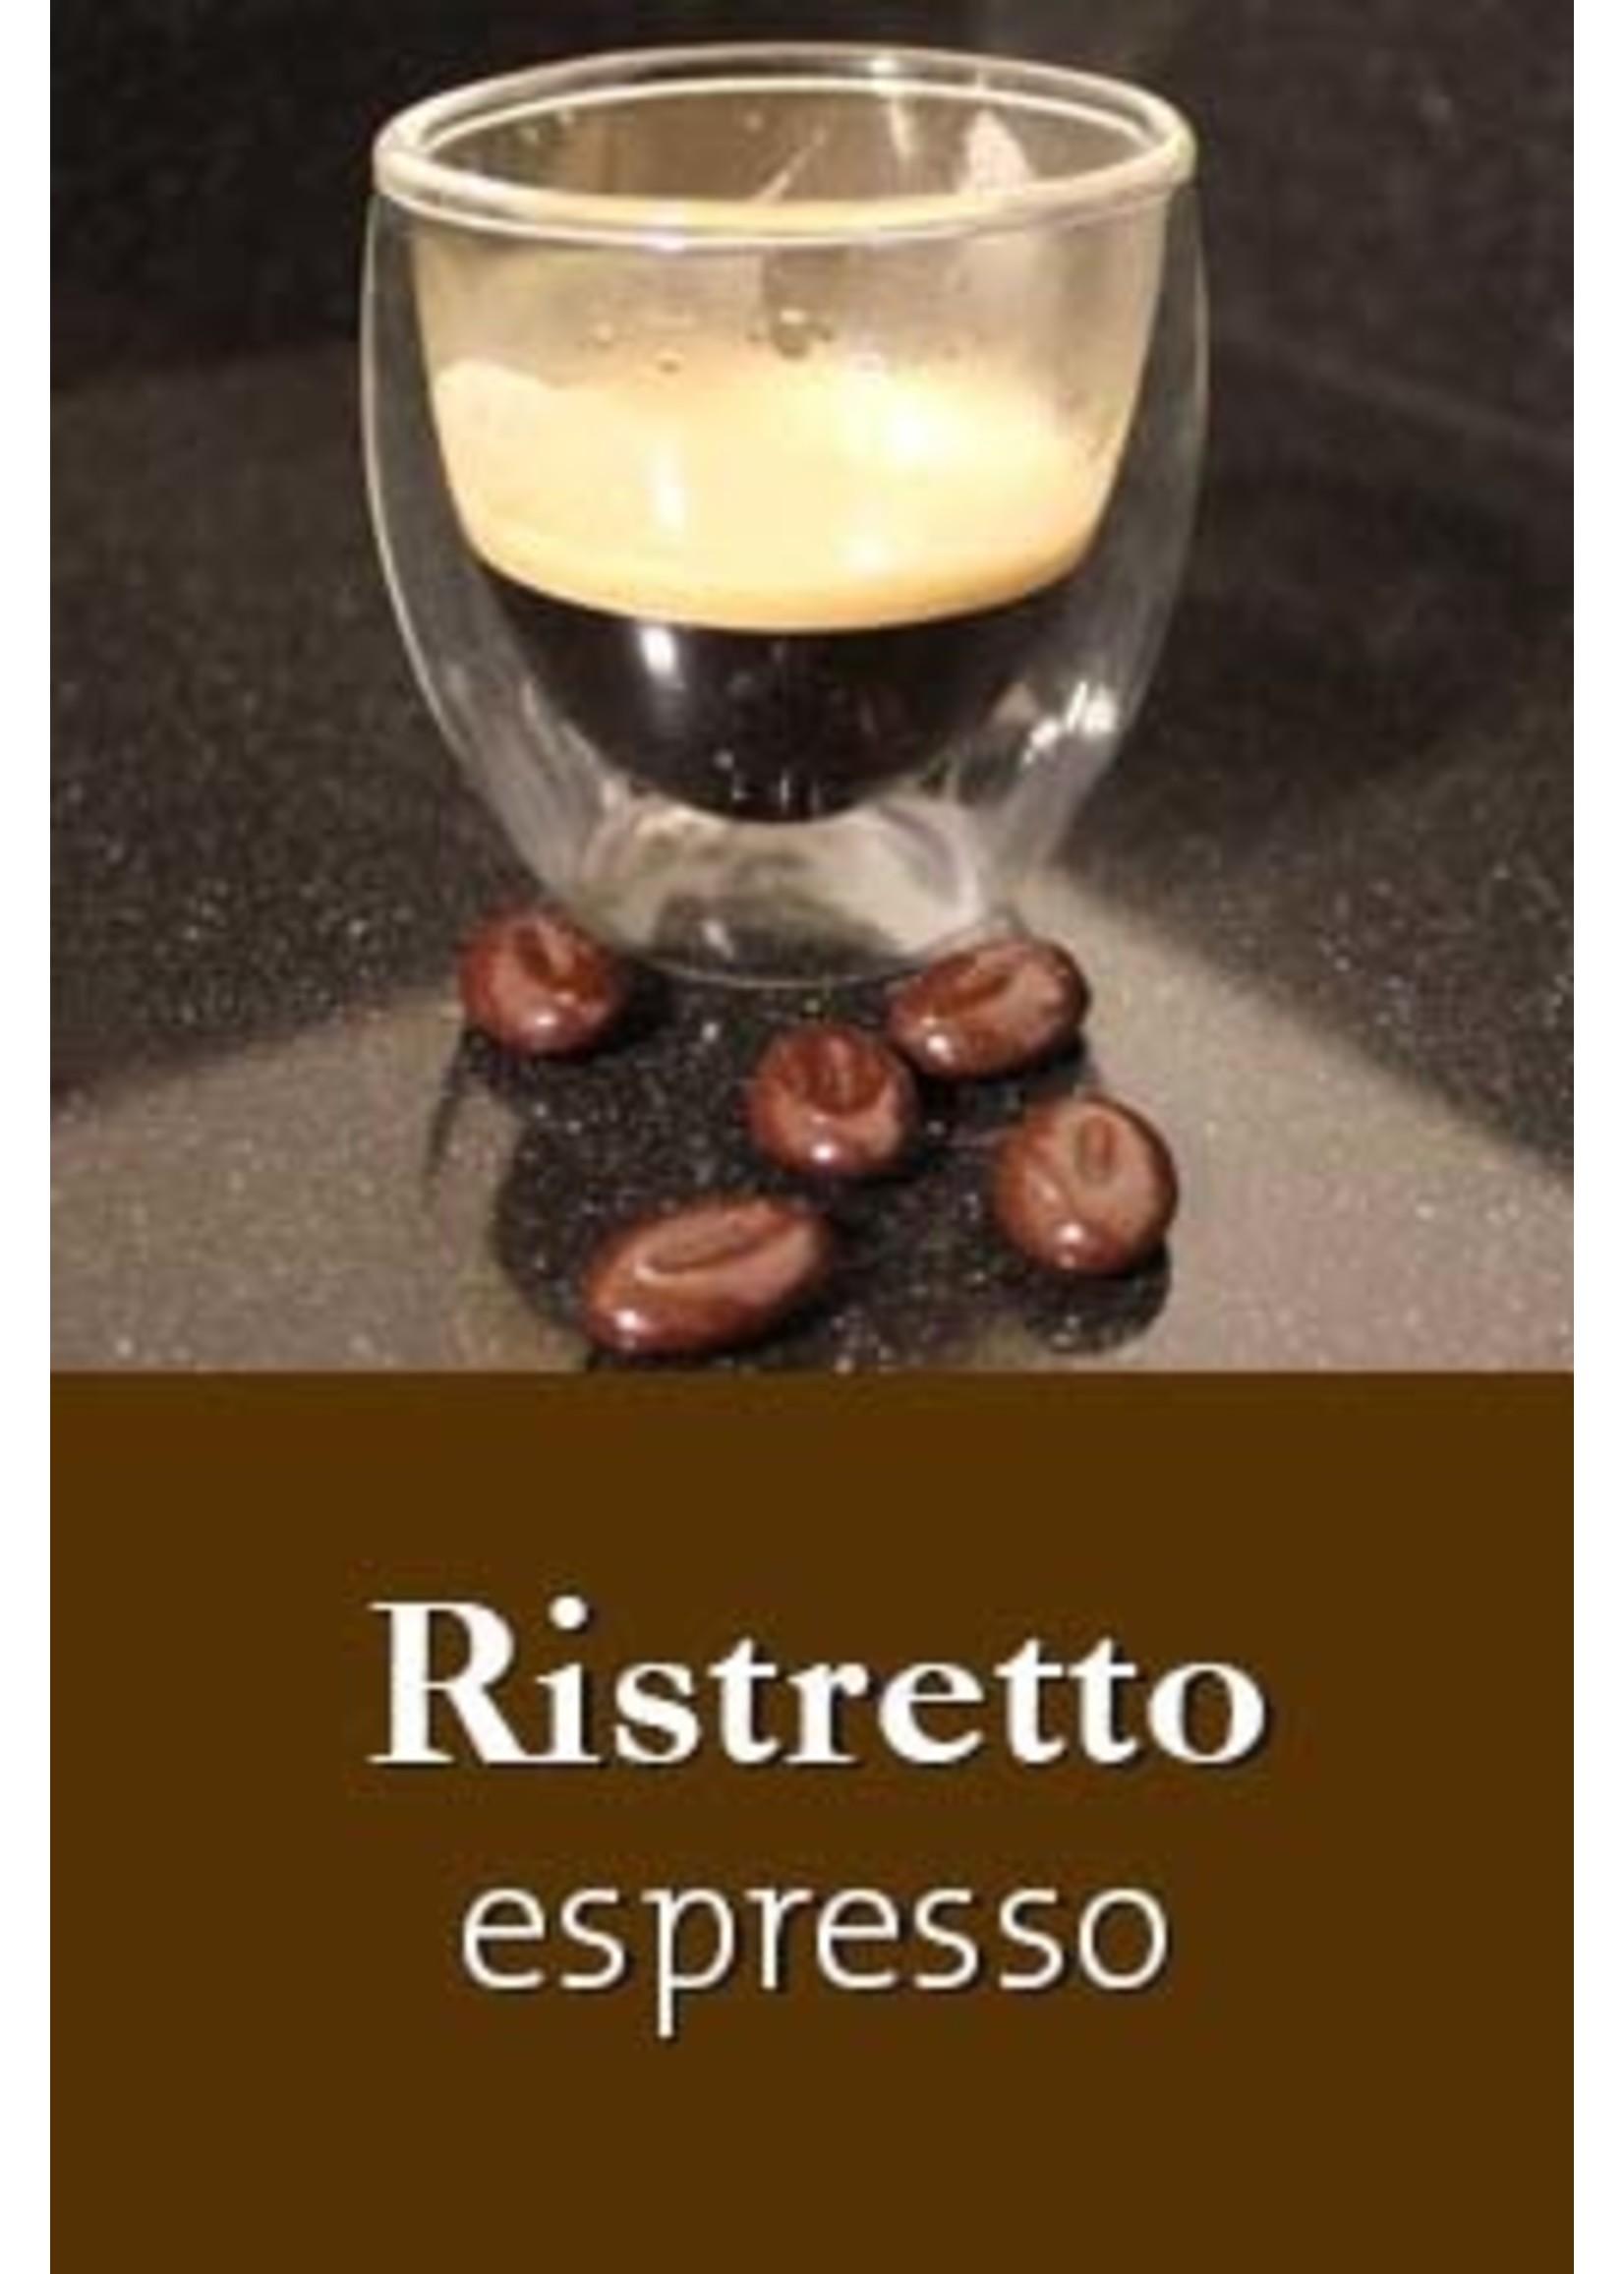 De KoffieMeulen Ristretto Espresso